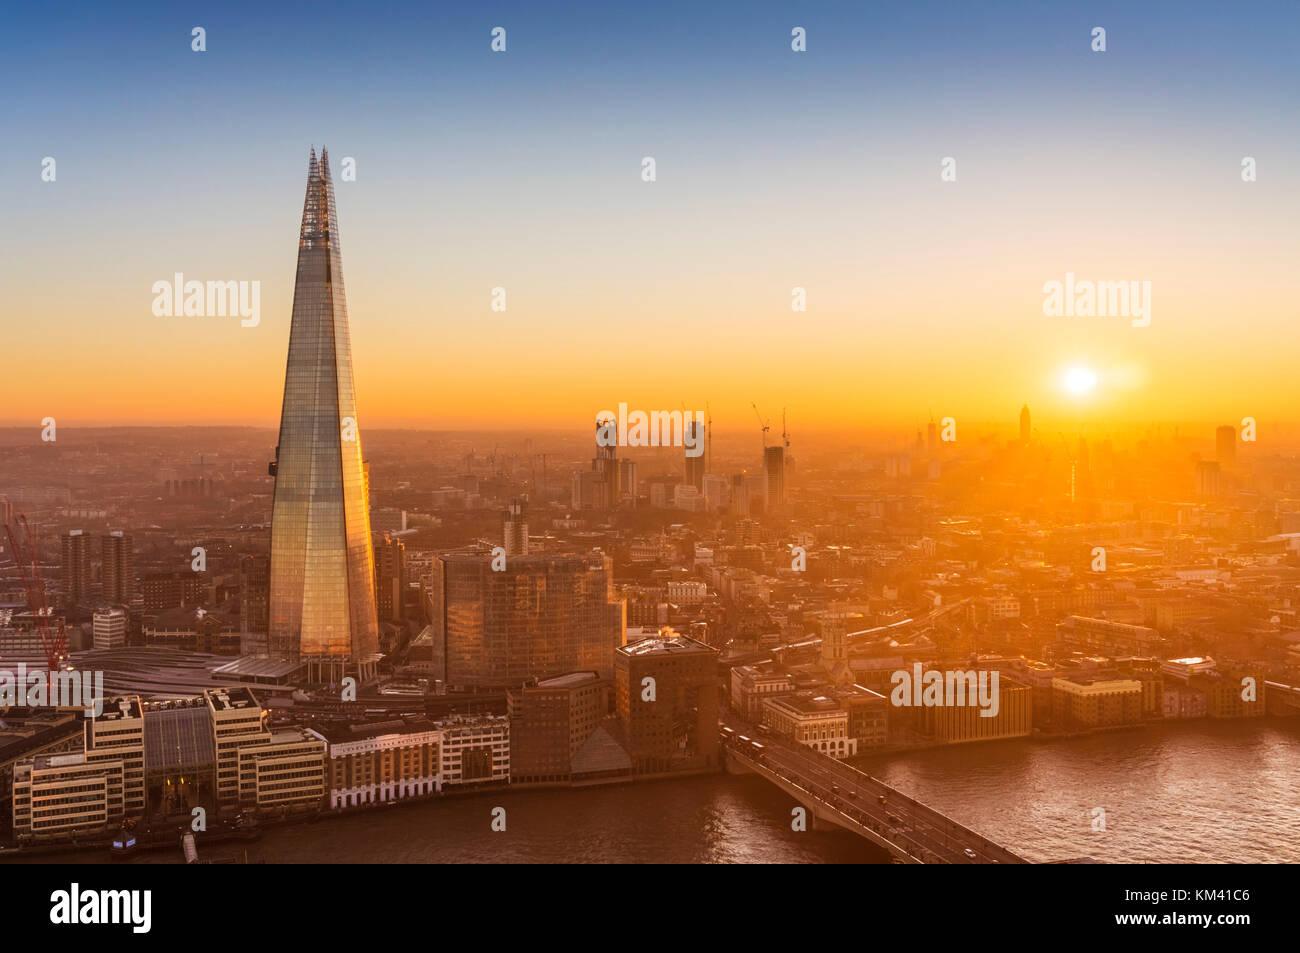 La shard Londra Inghilterra Londra uk gb UE Europa la shard Londra Londra Inghilterra Regno unito Gb eu europe Immagini Stock